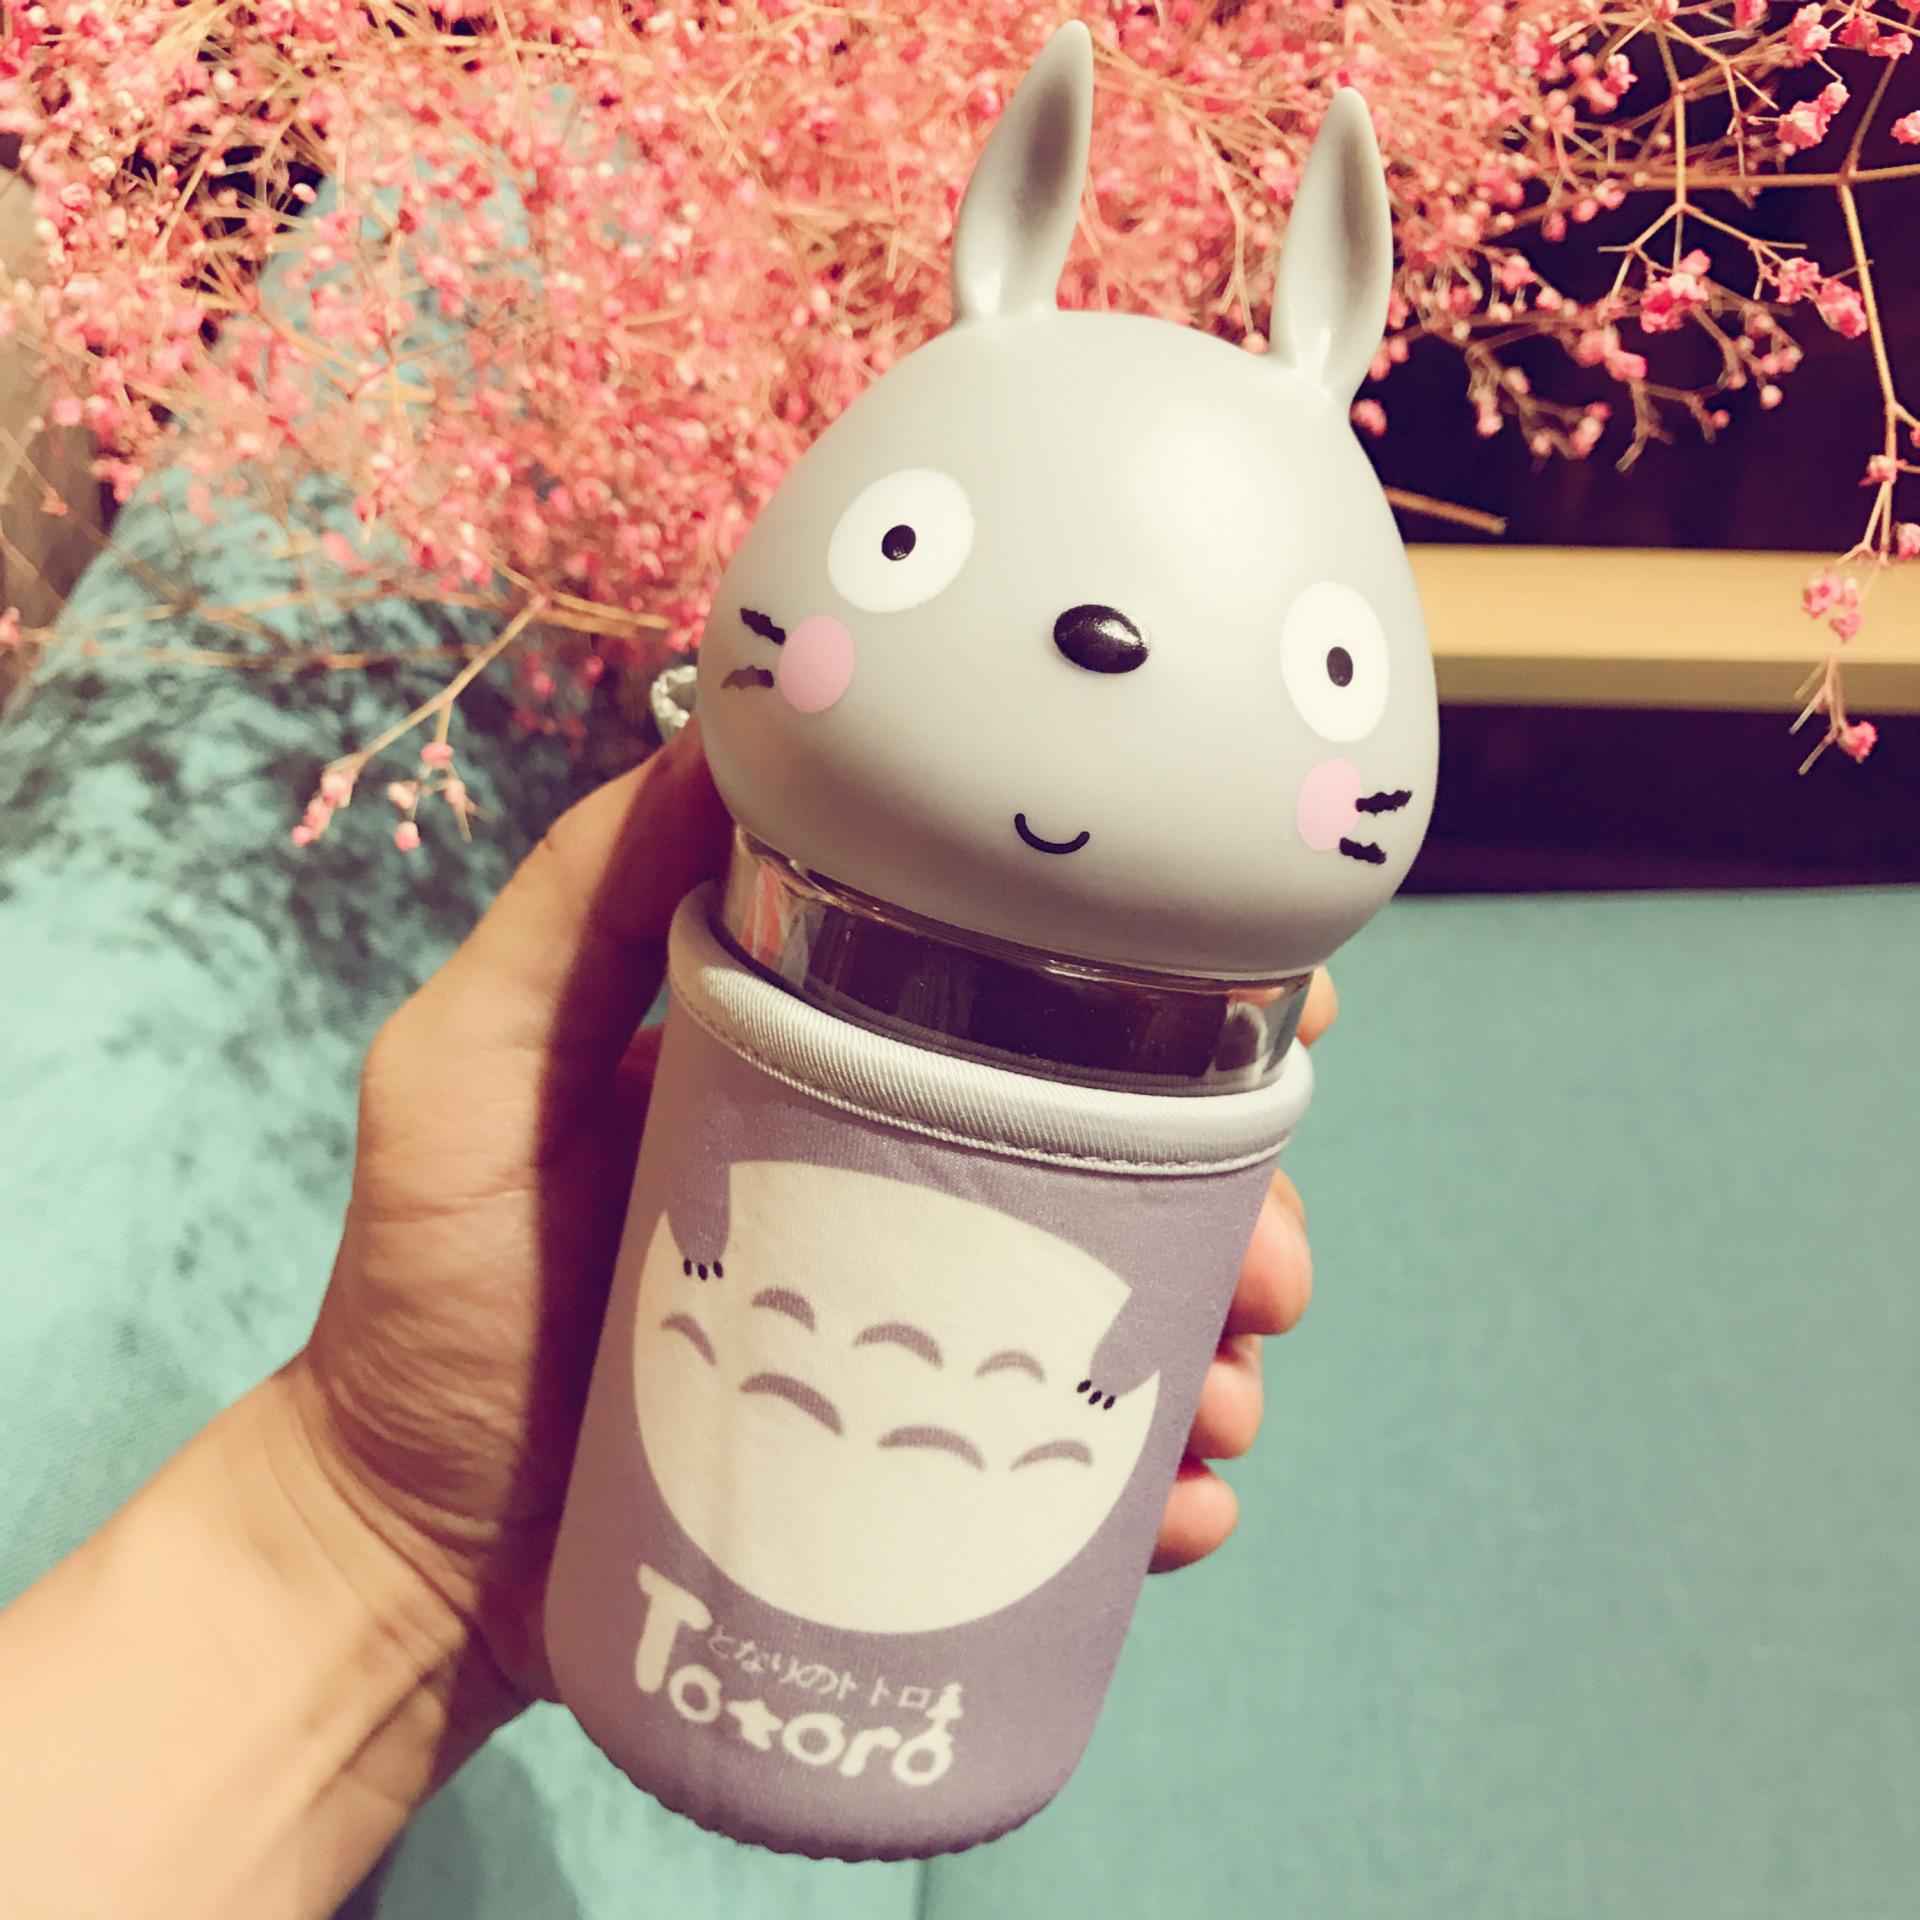 韩版卡通龙猫玻璃杯儿童牛奶水杯学生可爱萌杯子创意便携带盖耐热